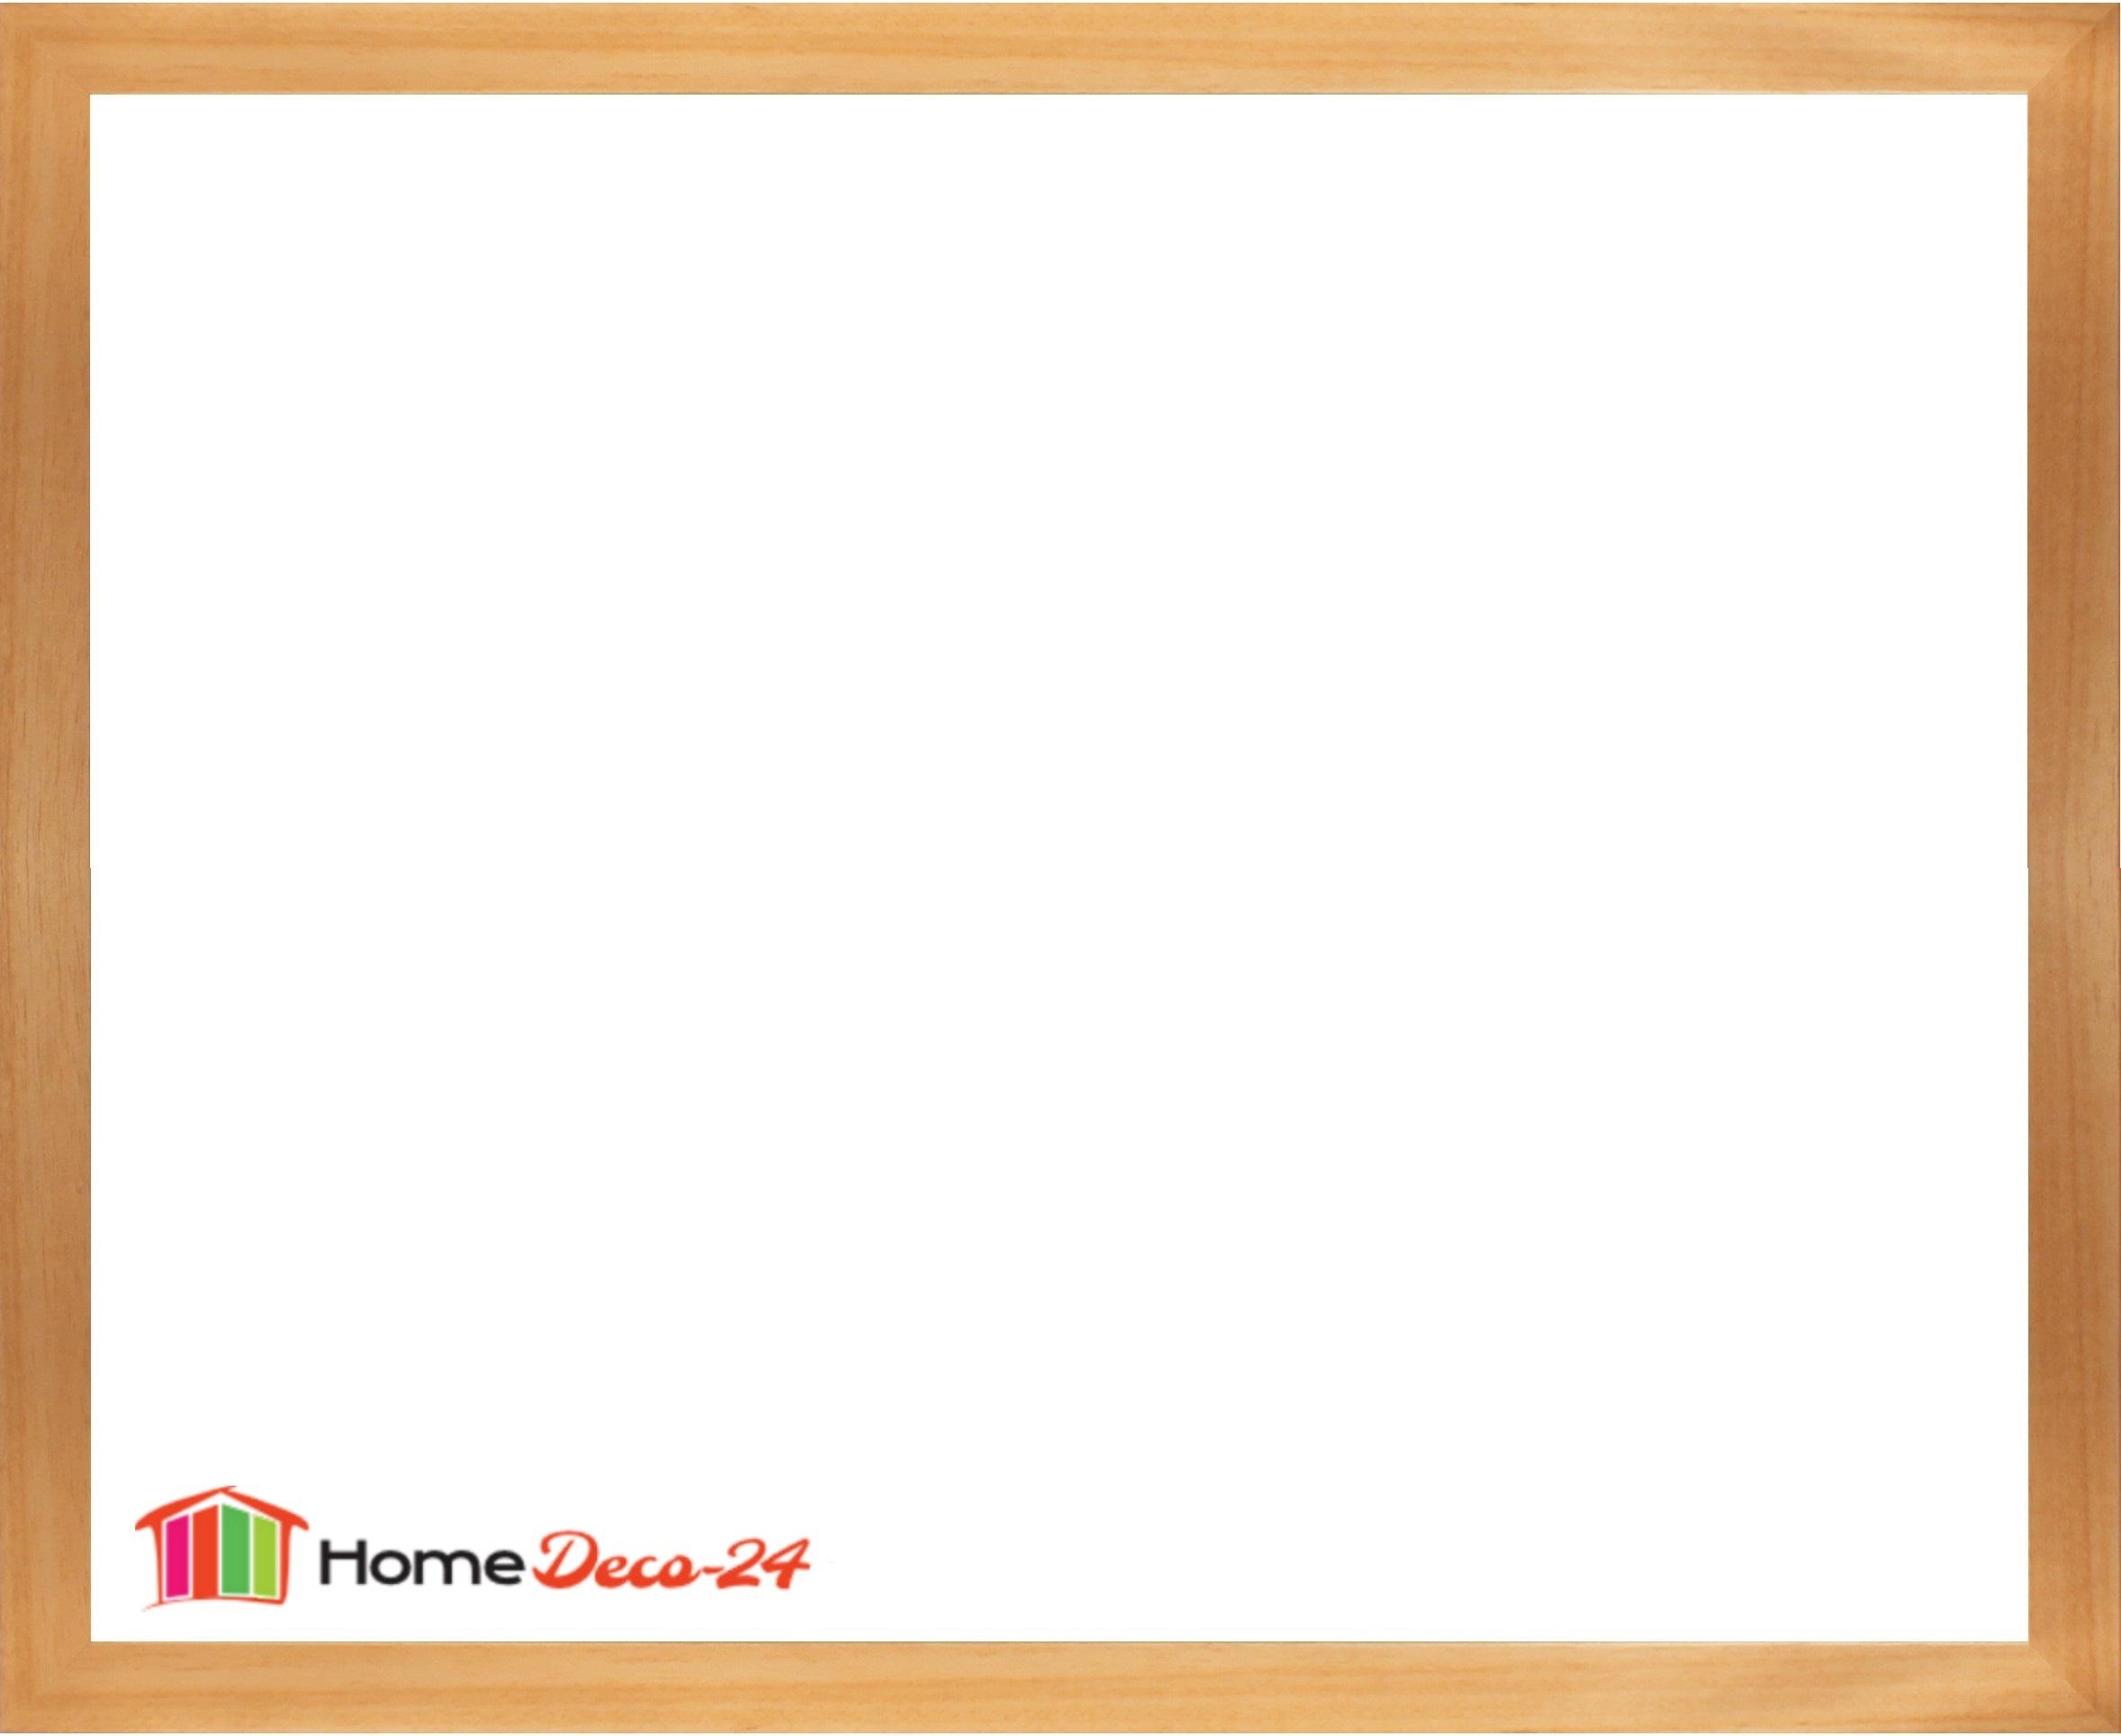 Bilderrahmen Stralsund 21 x 29,7 cm Posterrahmen Holz 29,7 x 21 Farbwahl